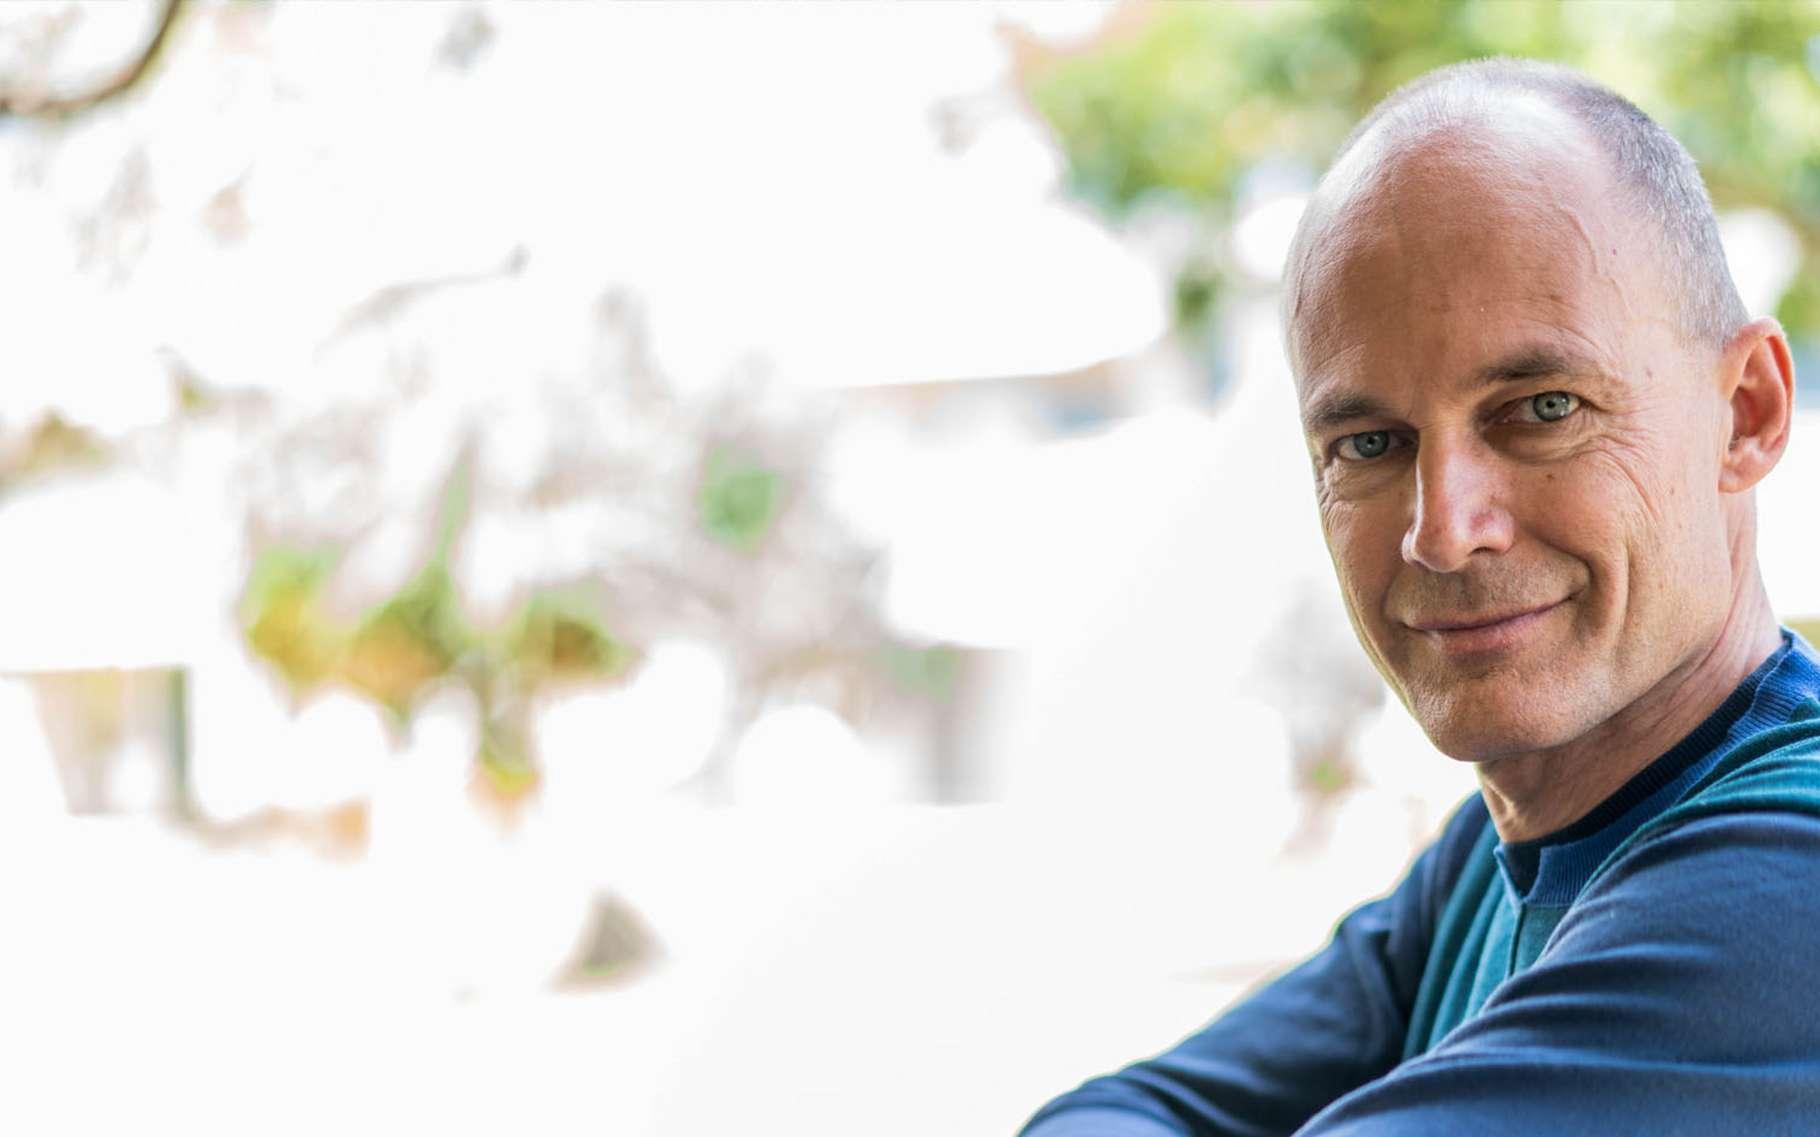 Bertrand Piccard et la fondation Solar Impulse ont identifié plus de 1.000 solutions écologiques pour changer le monde. © Bertrand Piccard, Fondation Solar Impulse